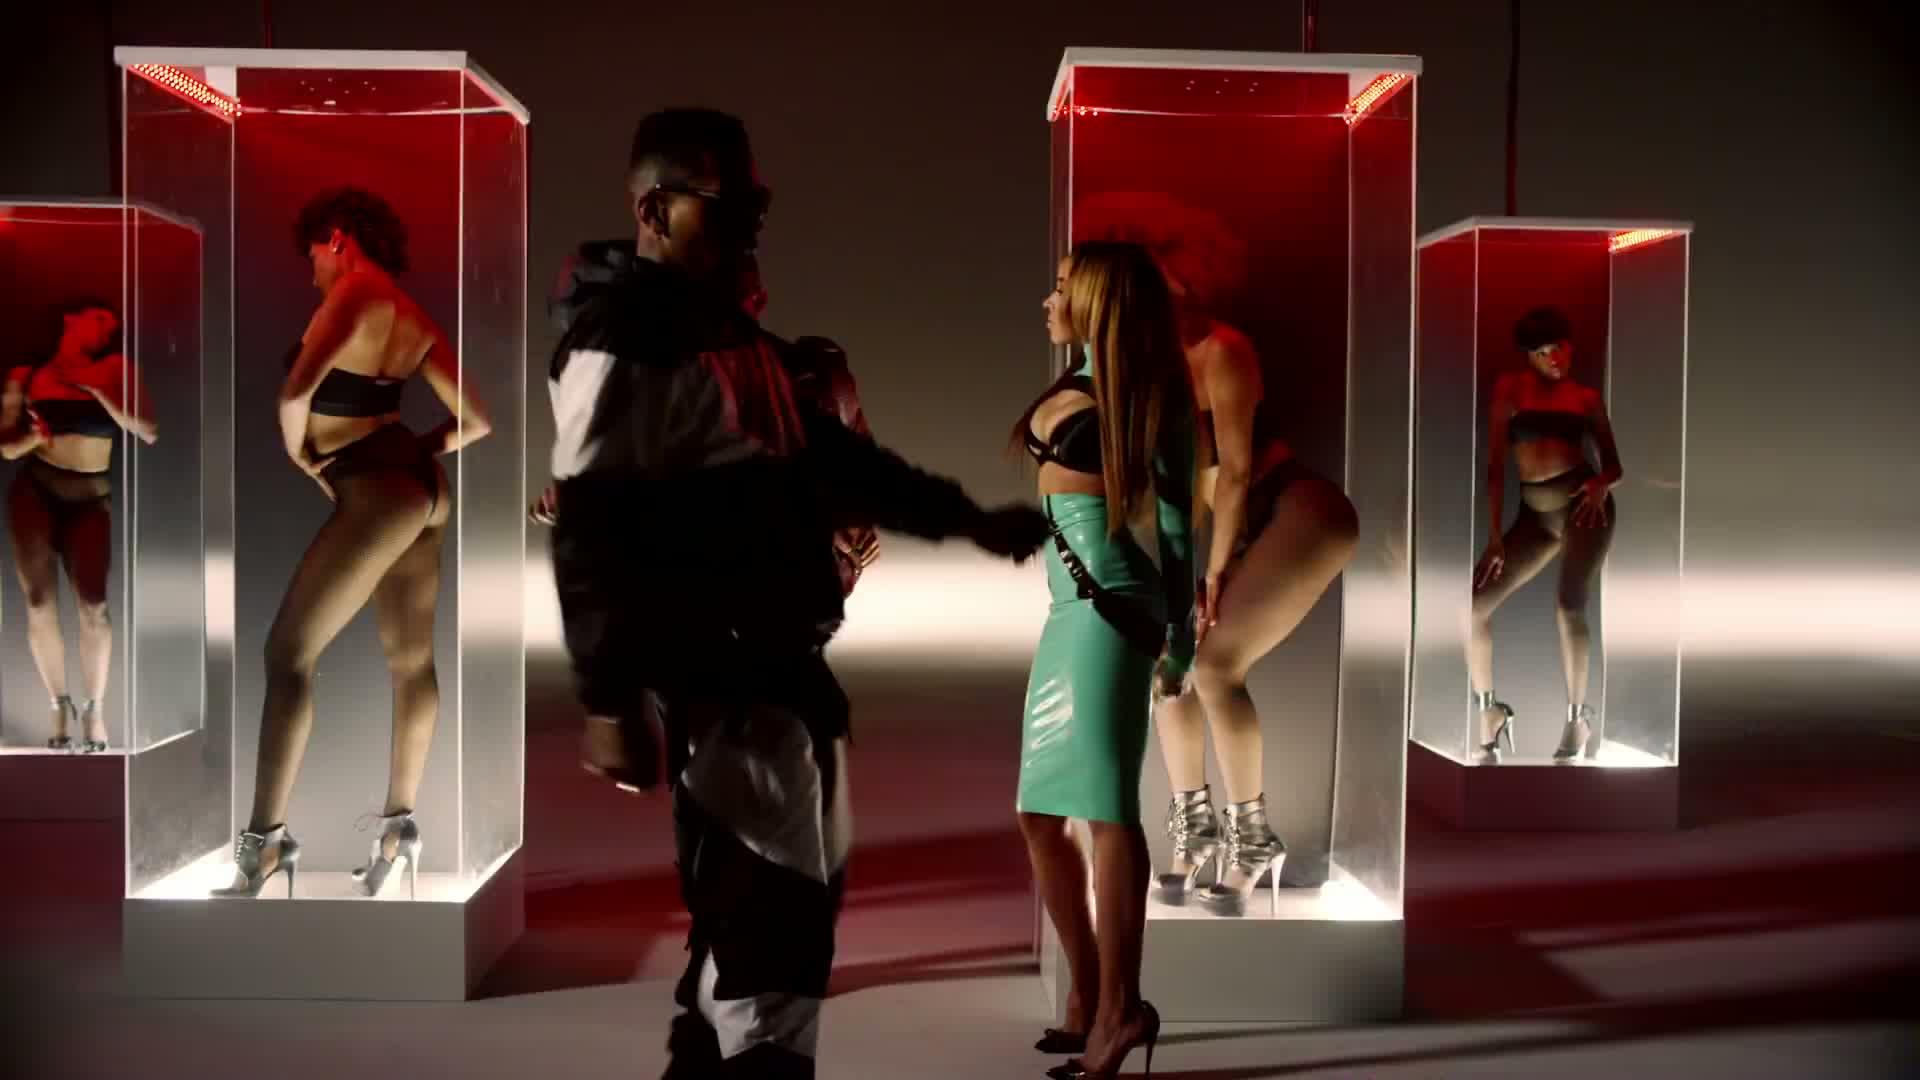 Kid Ink Ft. Usher & Tinashe - Body Language